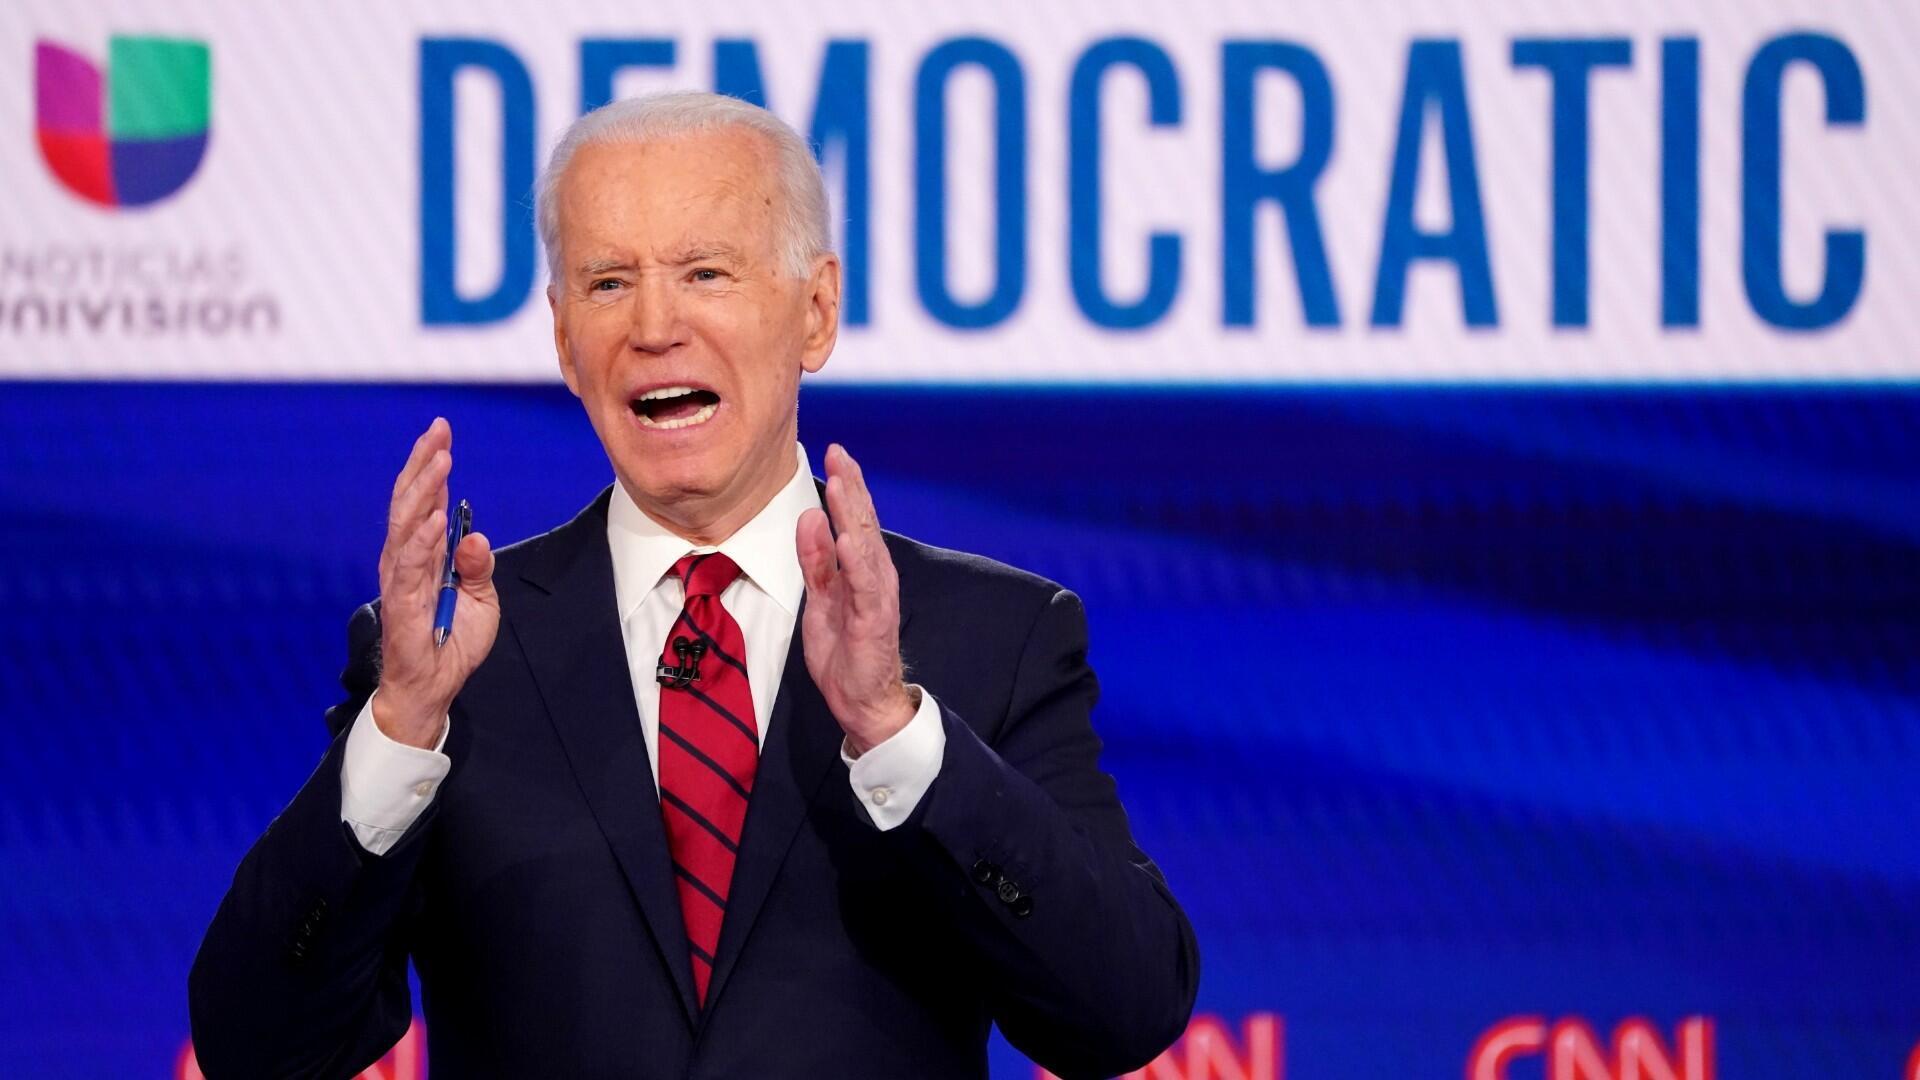 El candidato demócrata a la presidencia estadounidense y ex vicepresidente Joe Biden habla durante el undécimo debate de los candidatos demócratas de la campaña presidencial estadounidense de 2020, celebrada en los estudios de CNN en Washington sin audiencia debido a la pandemia mundial de coronavirus, en Washington, EE. UU., 15 de marzo de 2020.